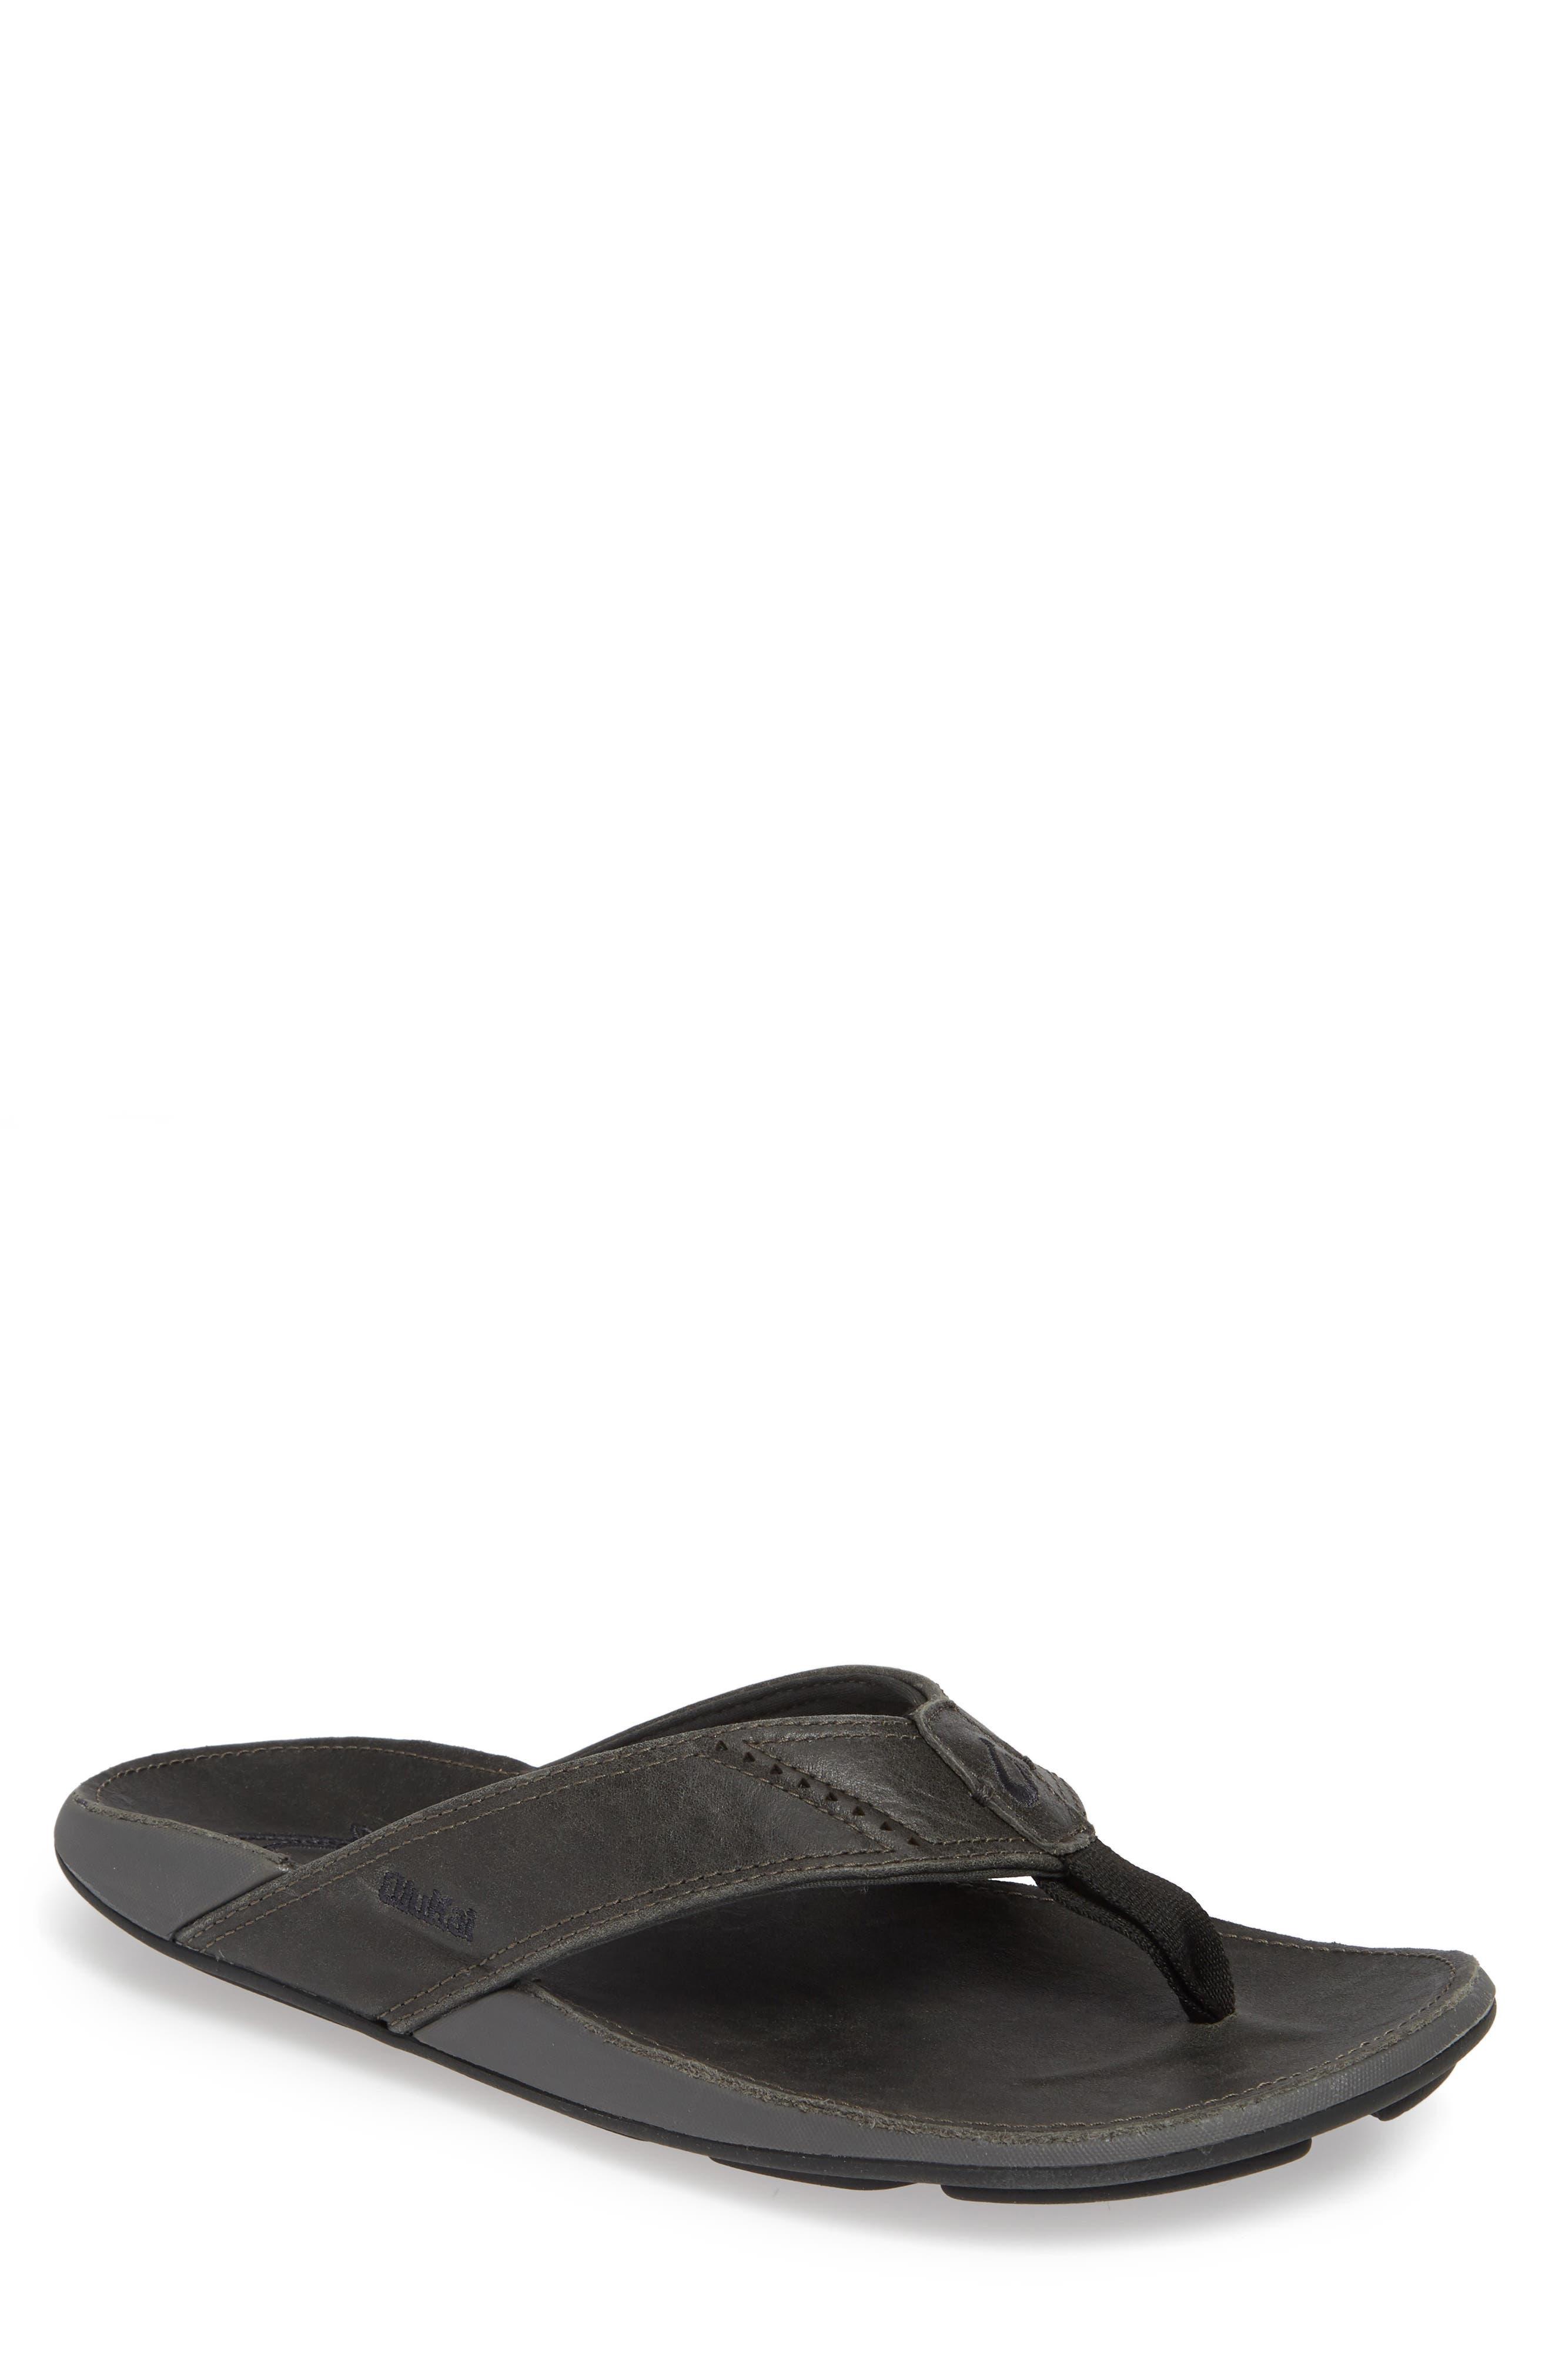 OLUKAI 'Nui' Leather Flip Flop, Main, color, LAVA ROCK LEATHER